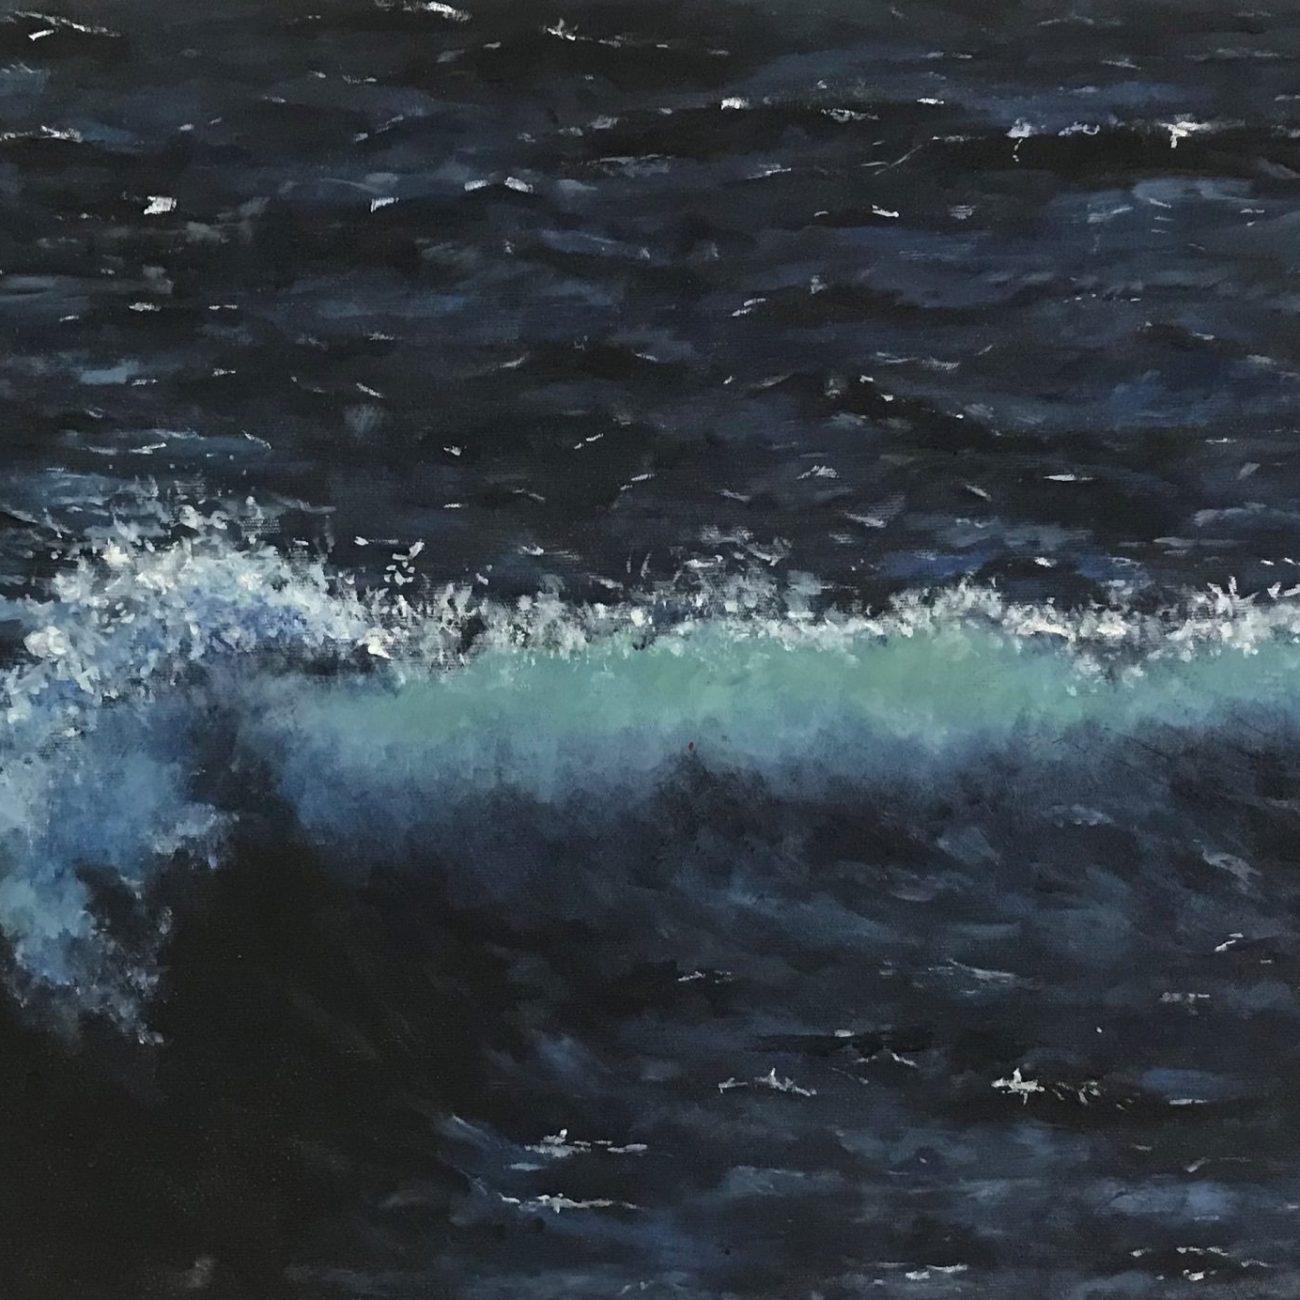 Mavi Dalgalar 1 Teknik : Yağlı Boya  Ölçü: 48 x 80 cm